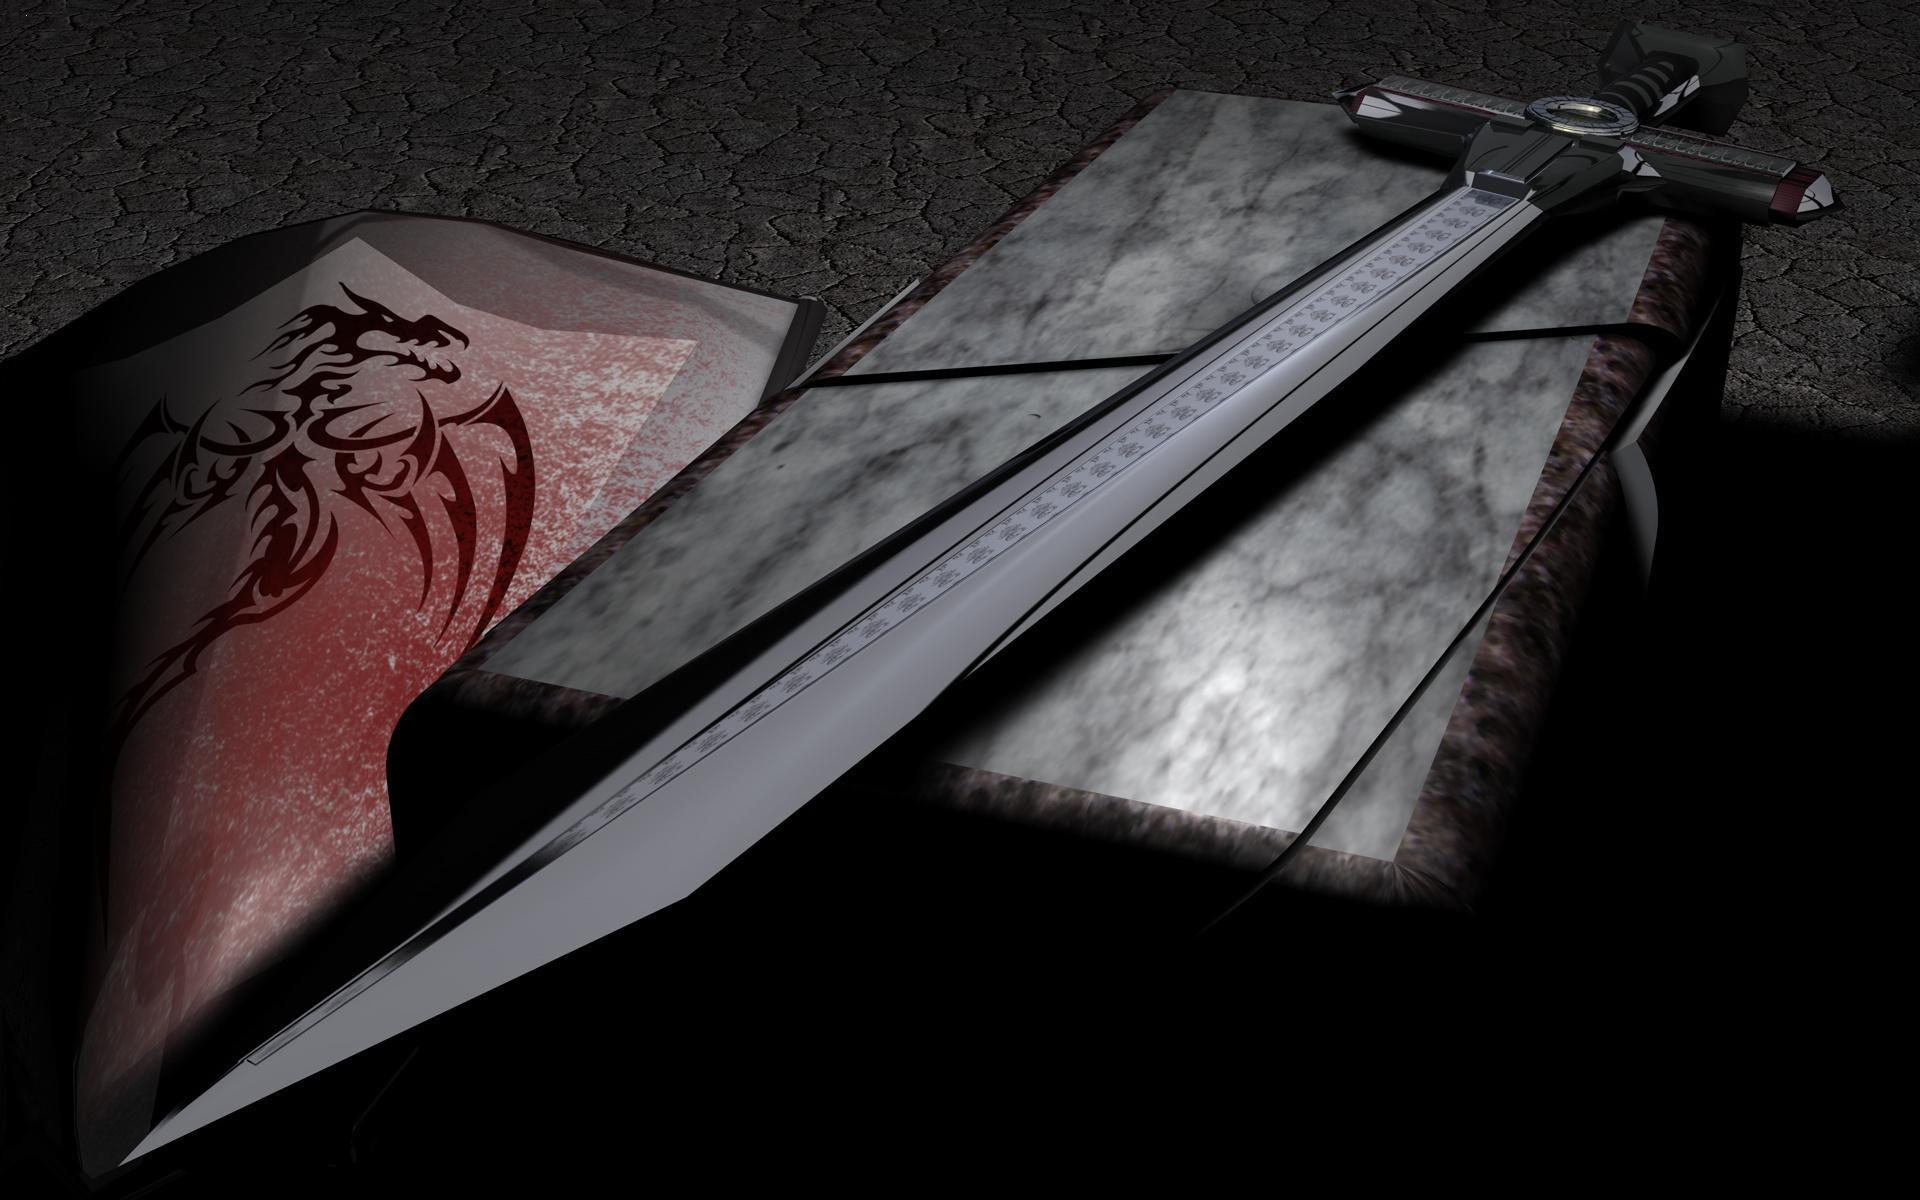 Swords Wallpaper HD - WallpaperSafari